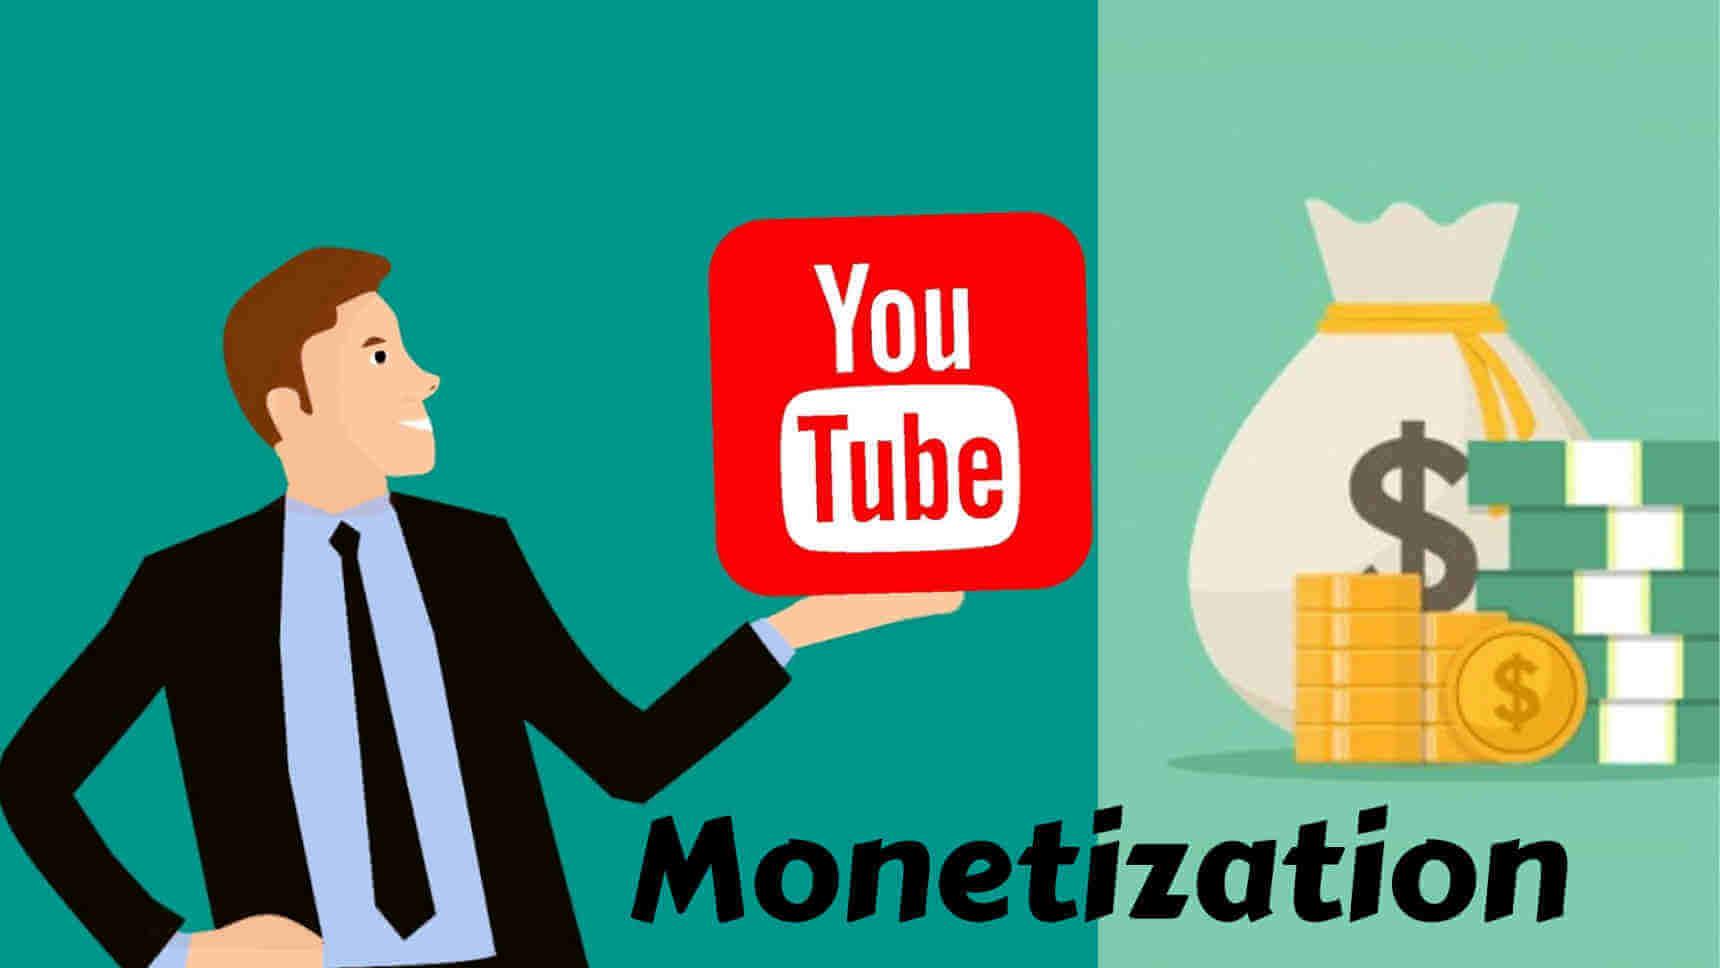 聊聊Youtube赚钱:自动生成新闻视频, 仅一个频道就月入2000刀?